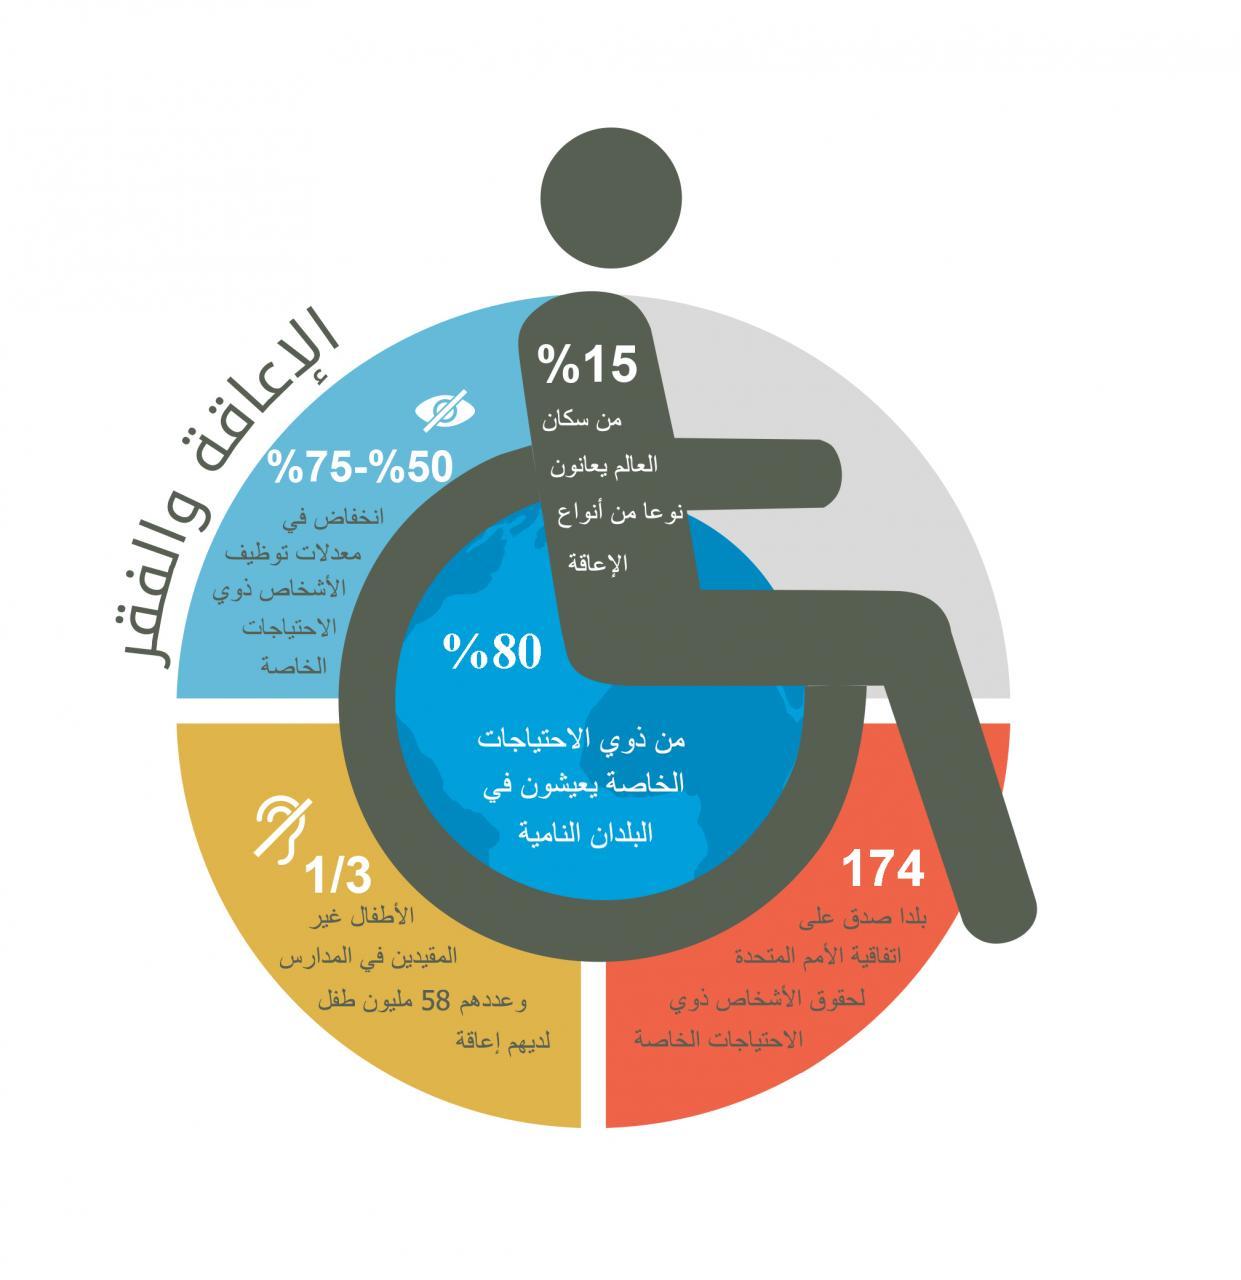 شعار ذوي الاحتياجات الخاصة علامات تدل علي ان هذا المكان به احتيجات خاصه عزه و ثقه